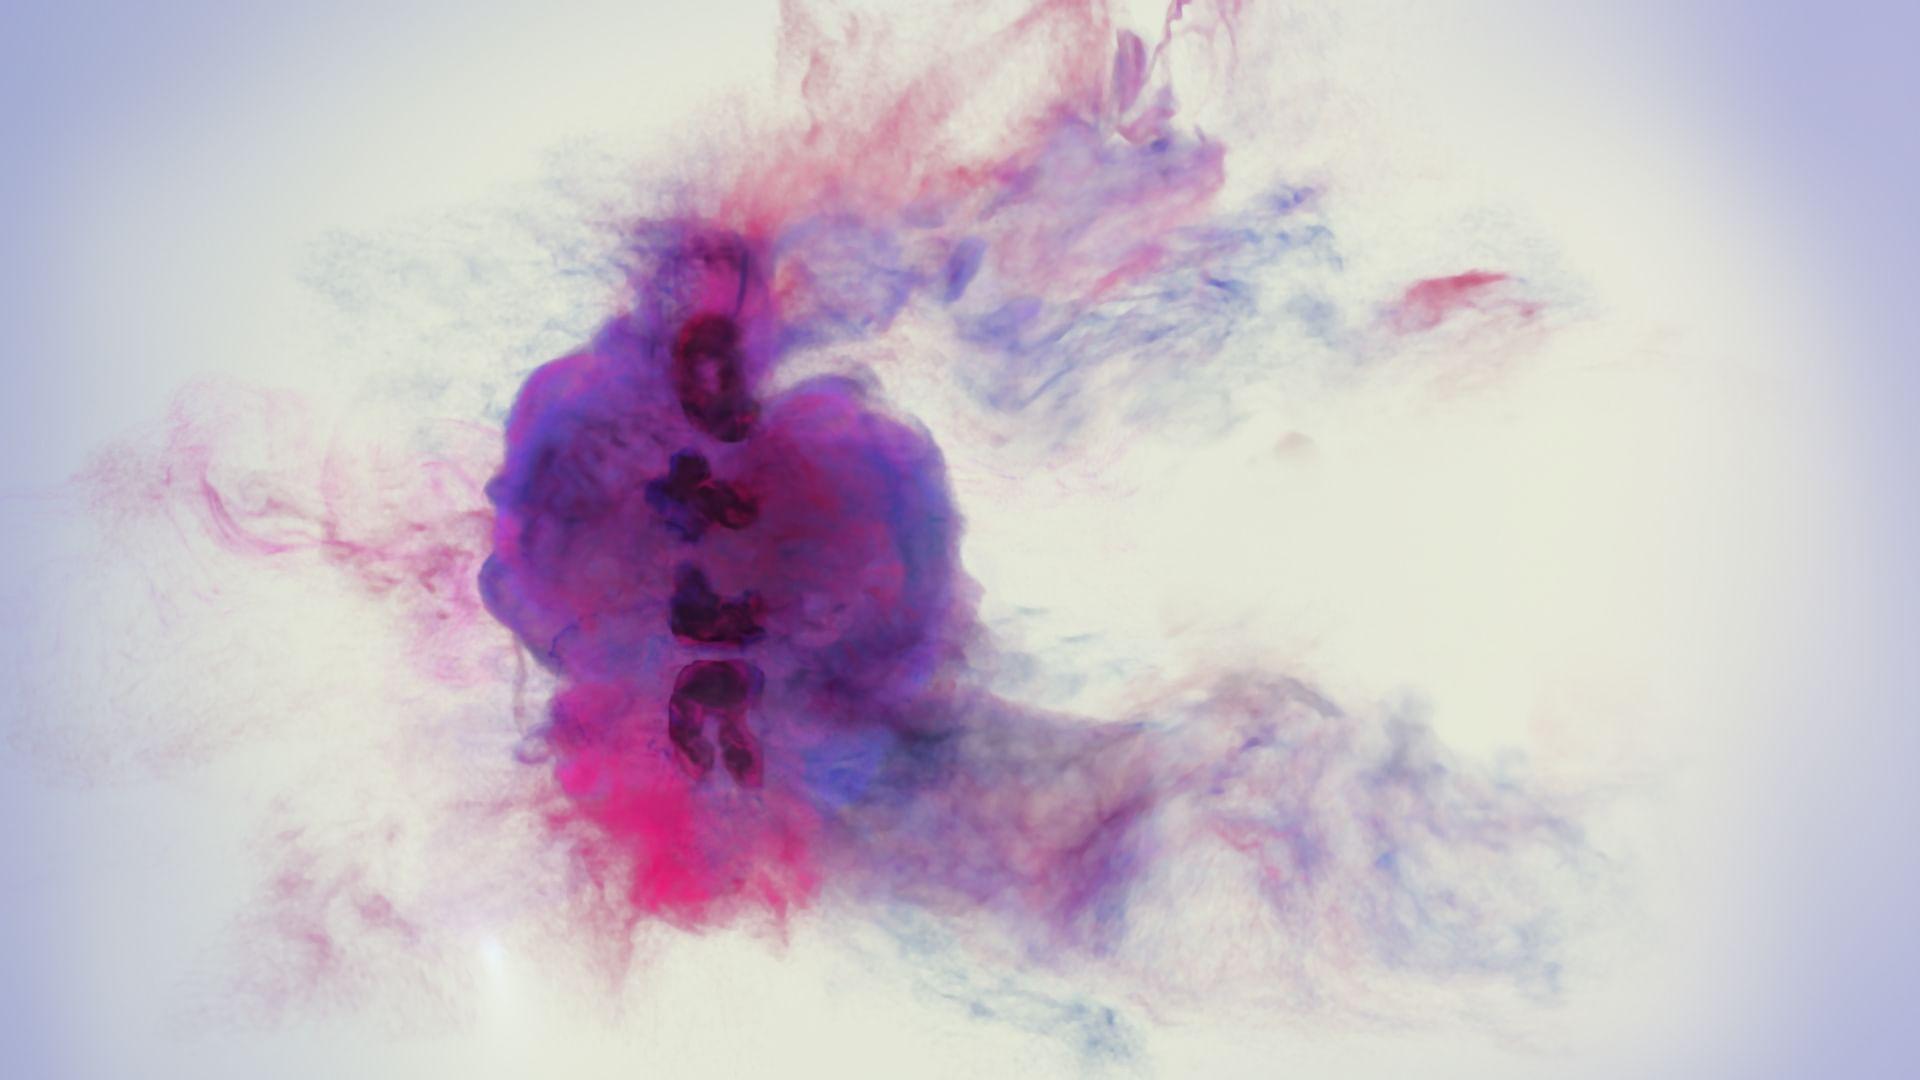 Concert d'ouverture de l'Elbphilharmonie